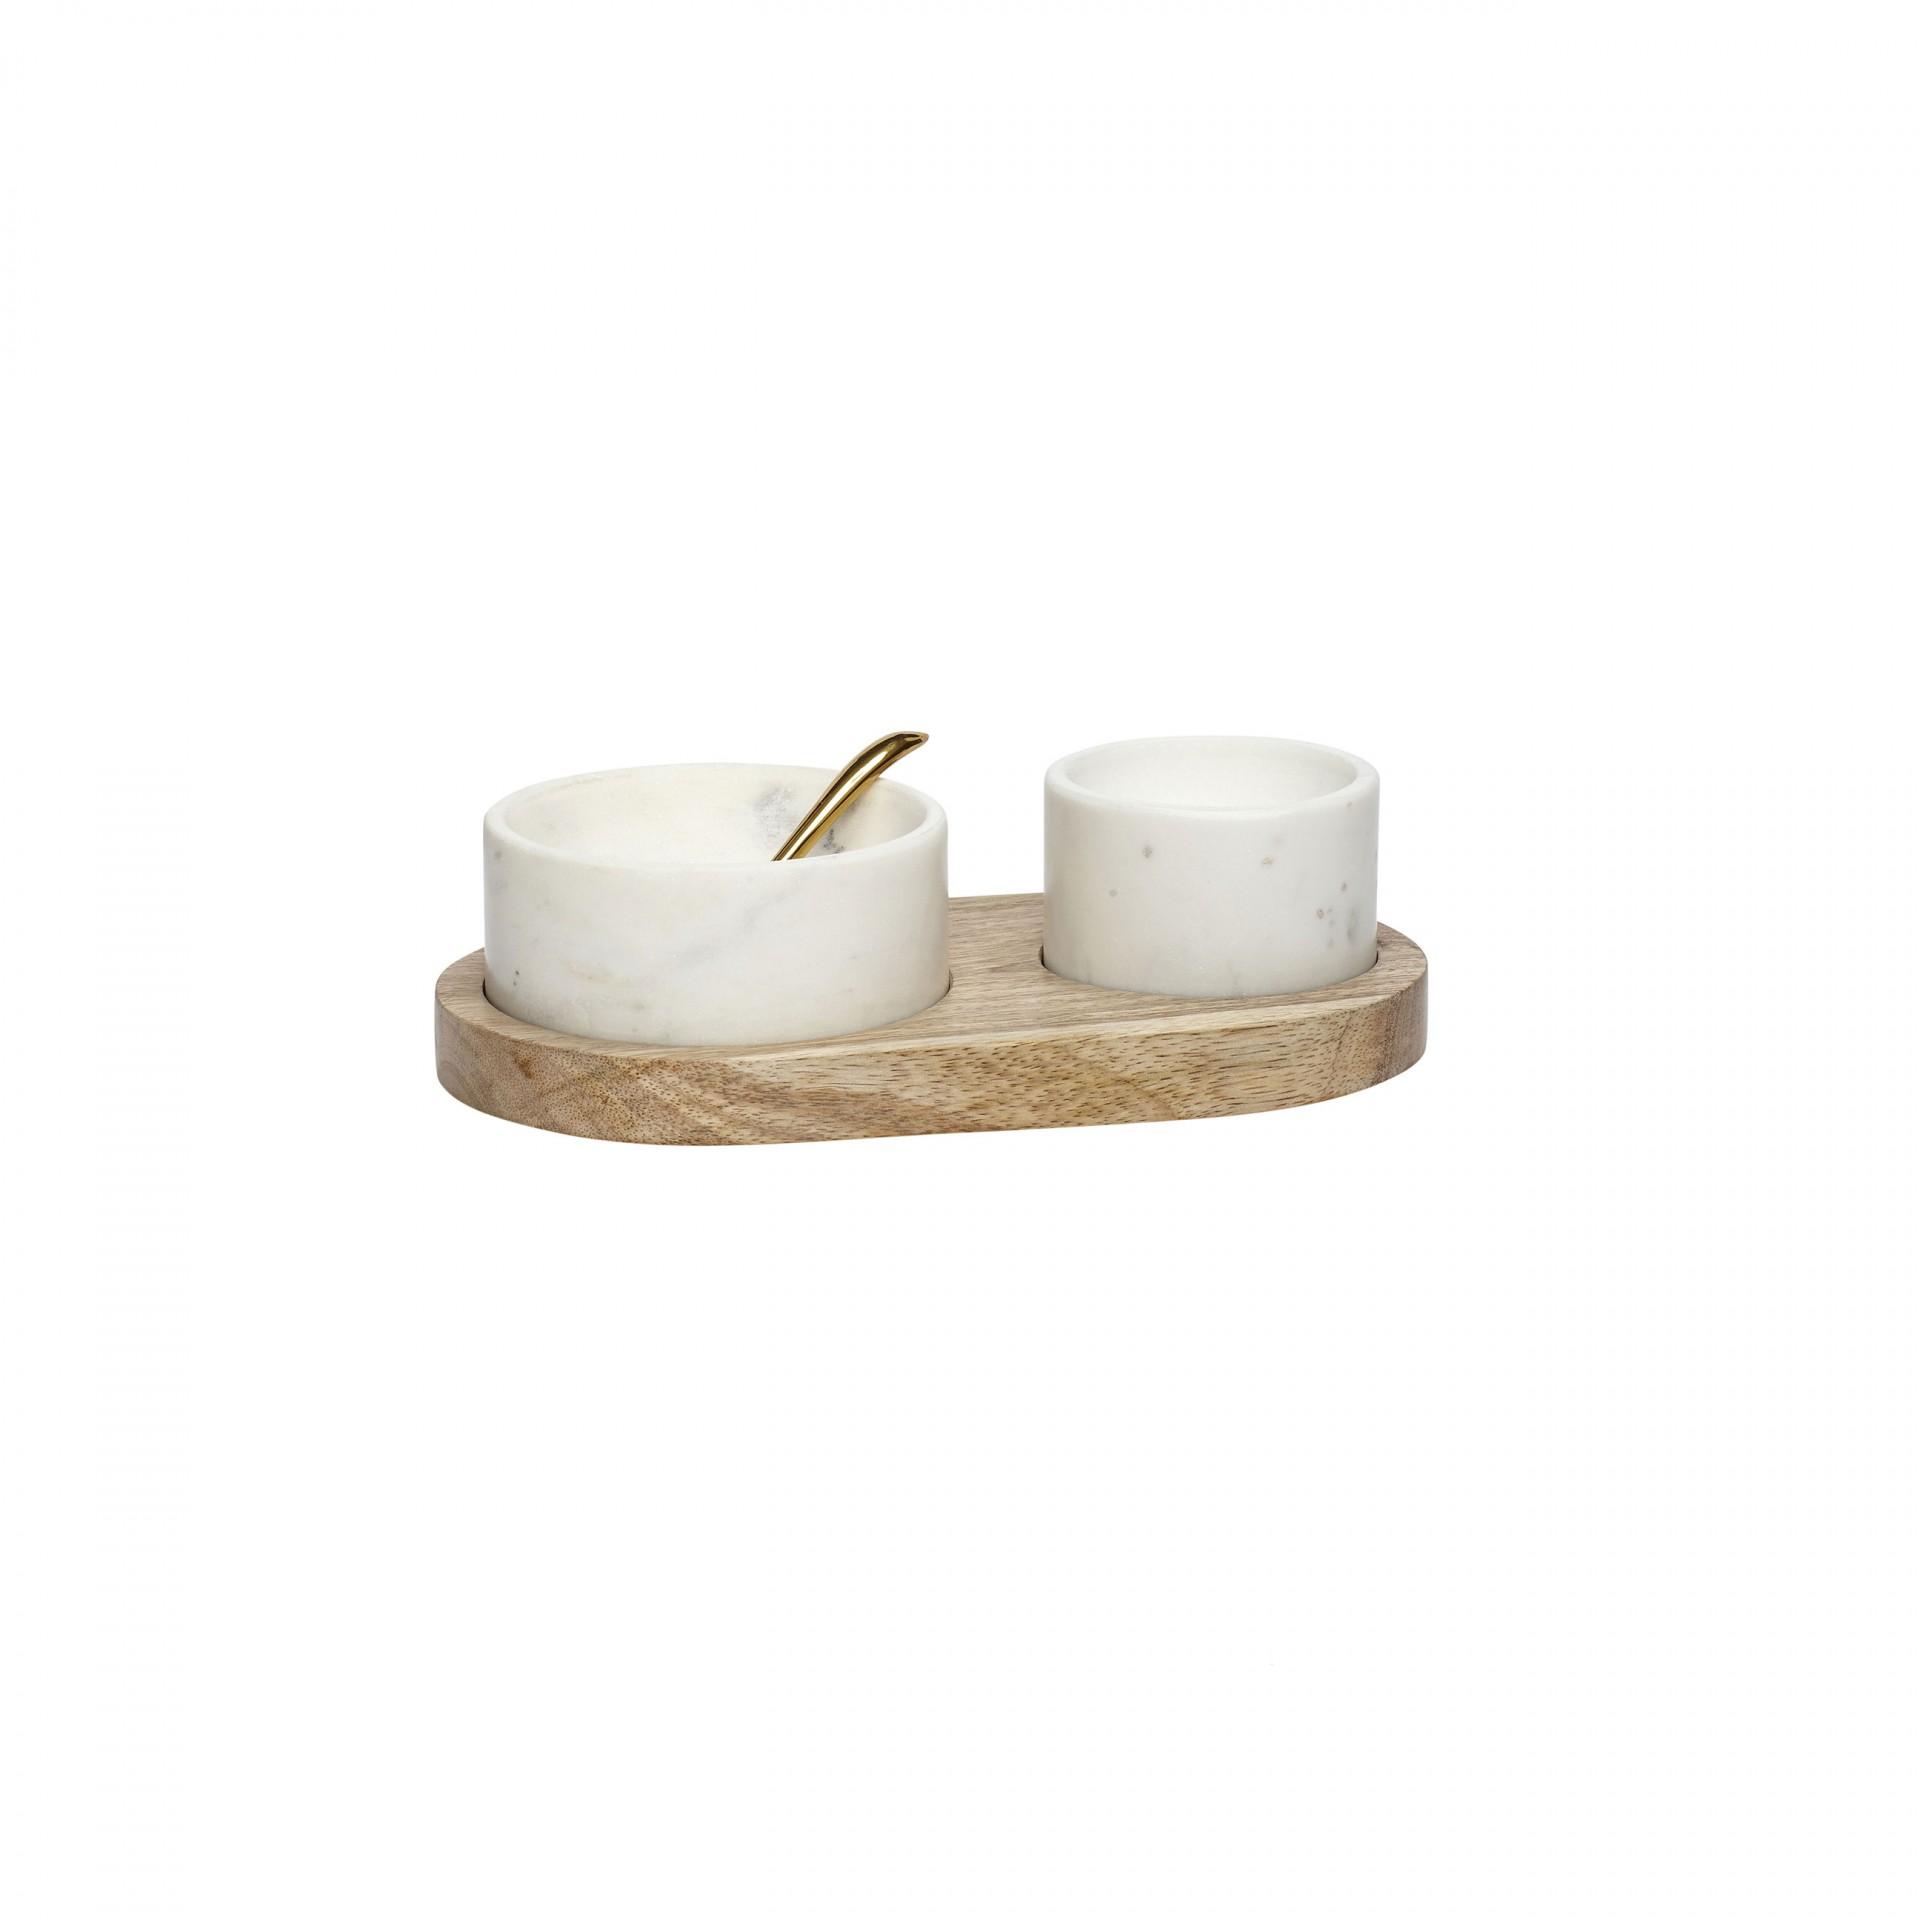 Potes de mármore c/base em madeira manga